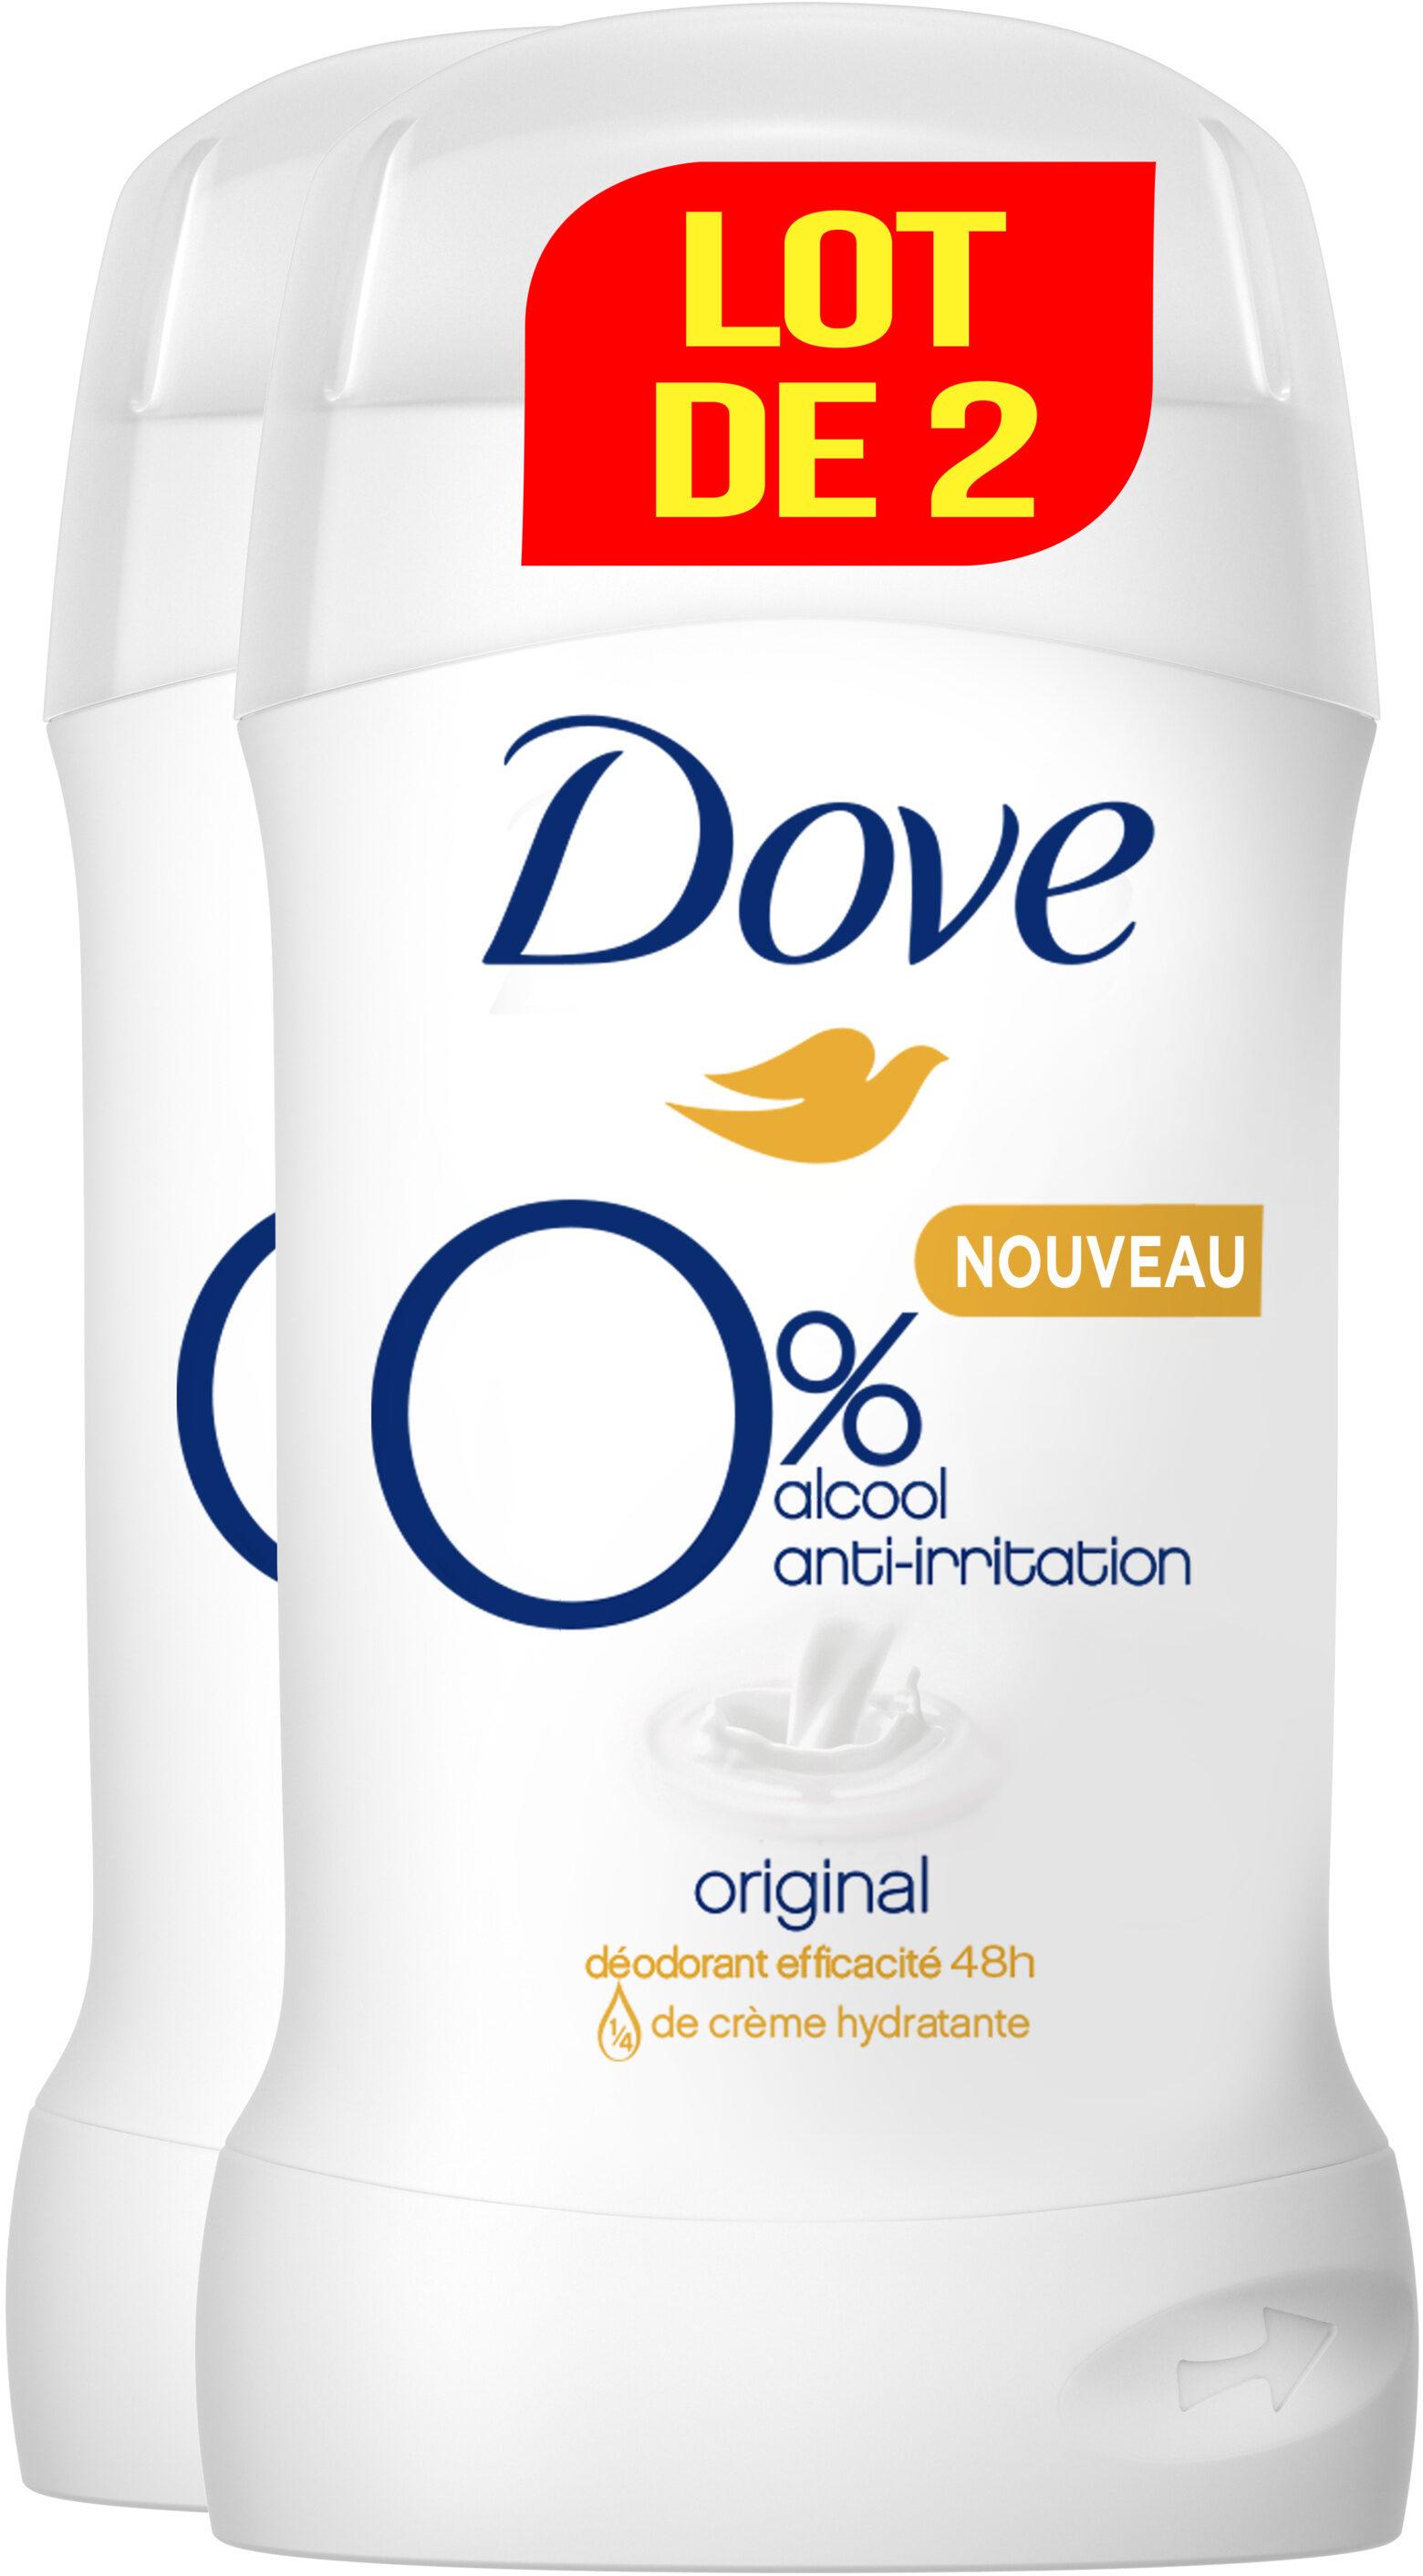 Dove Déodorant Femme Stick Antibactérien Original 0% Lot 2 x 40ml - Produit - fr